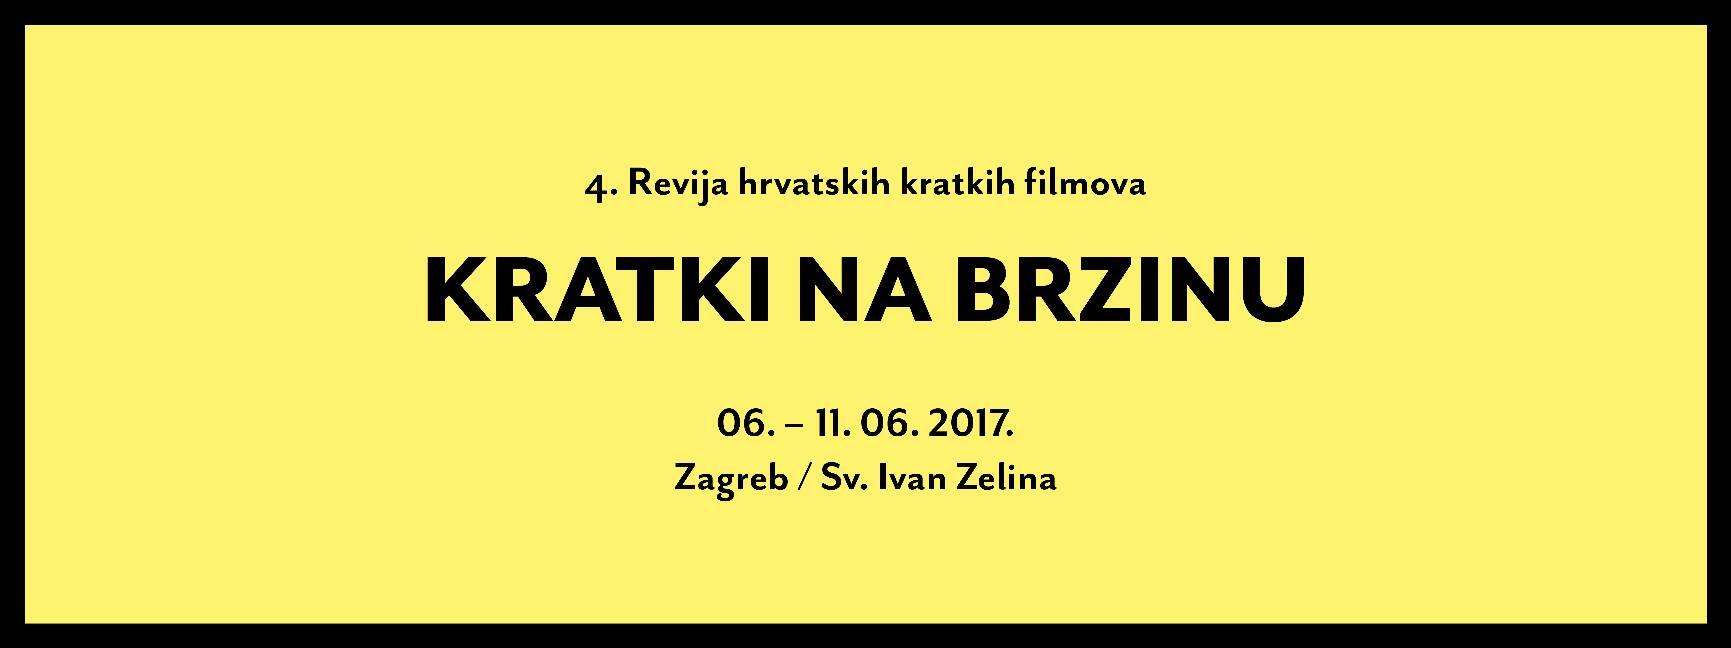 Filmska revija 'Kratki na brzinu' u Zagrebu i Svetom Ivanu Zelini od 6. do 11. lipnja